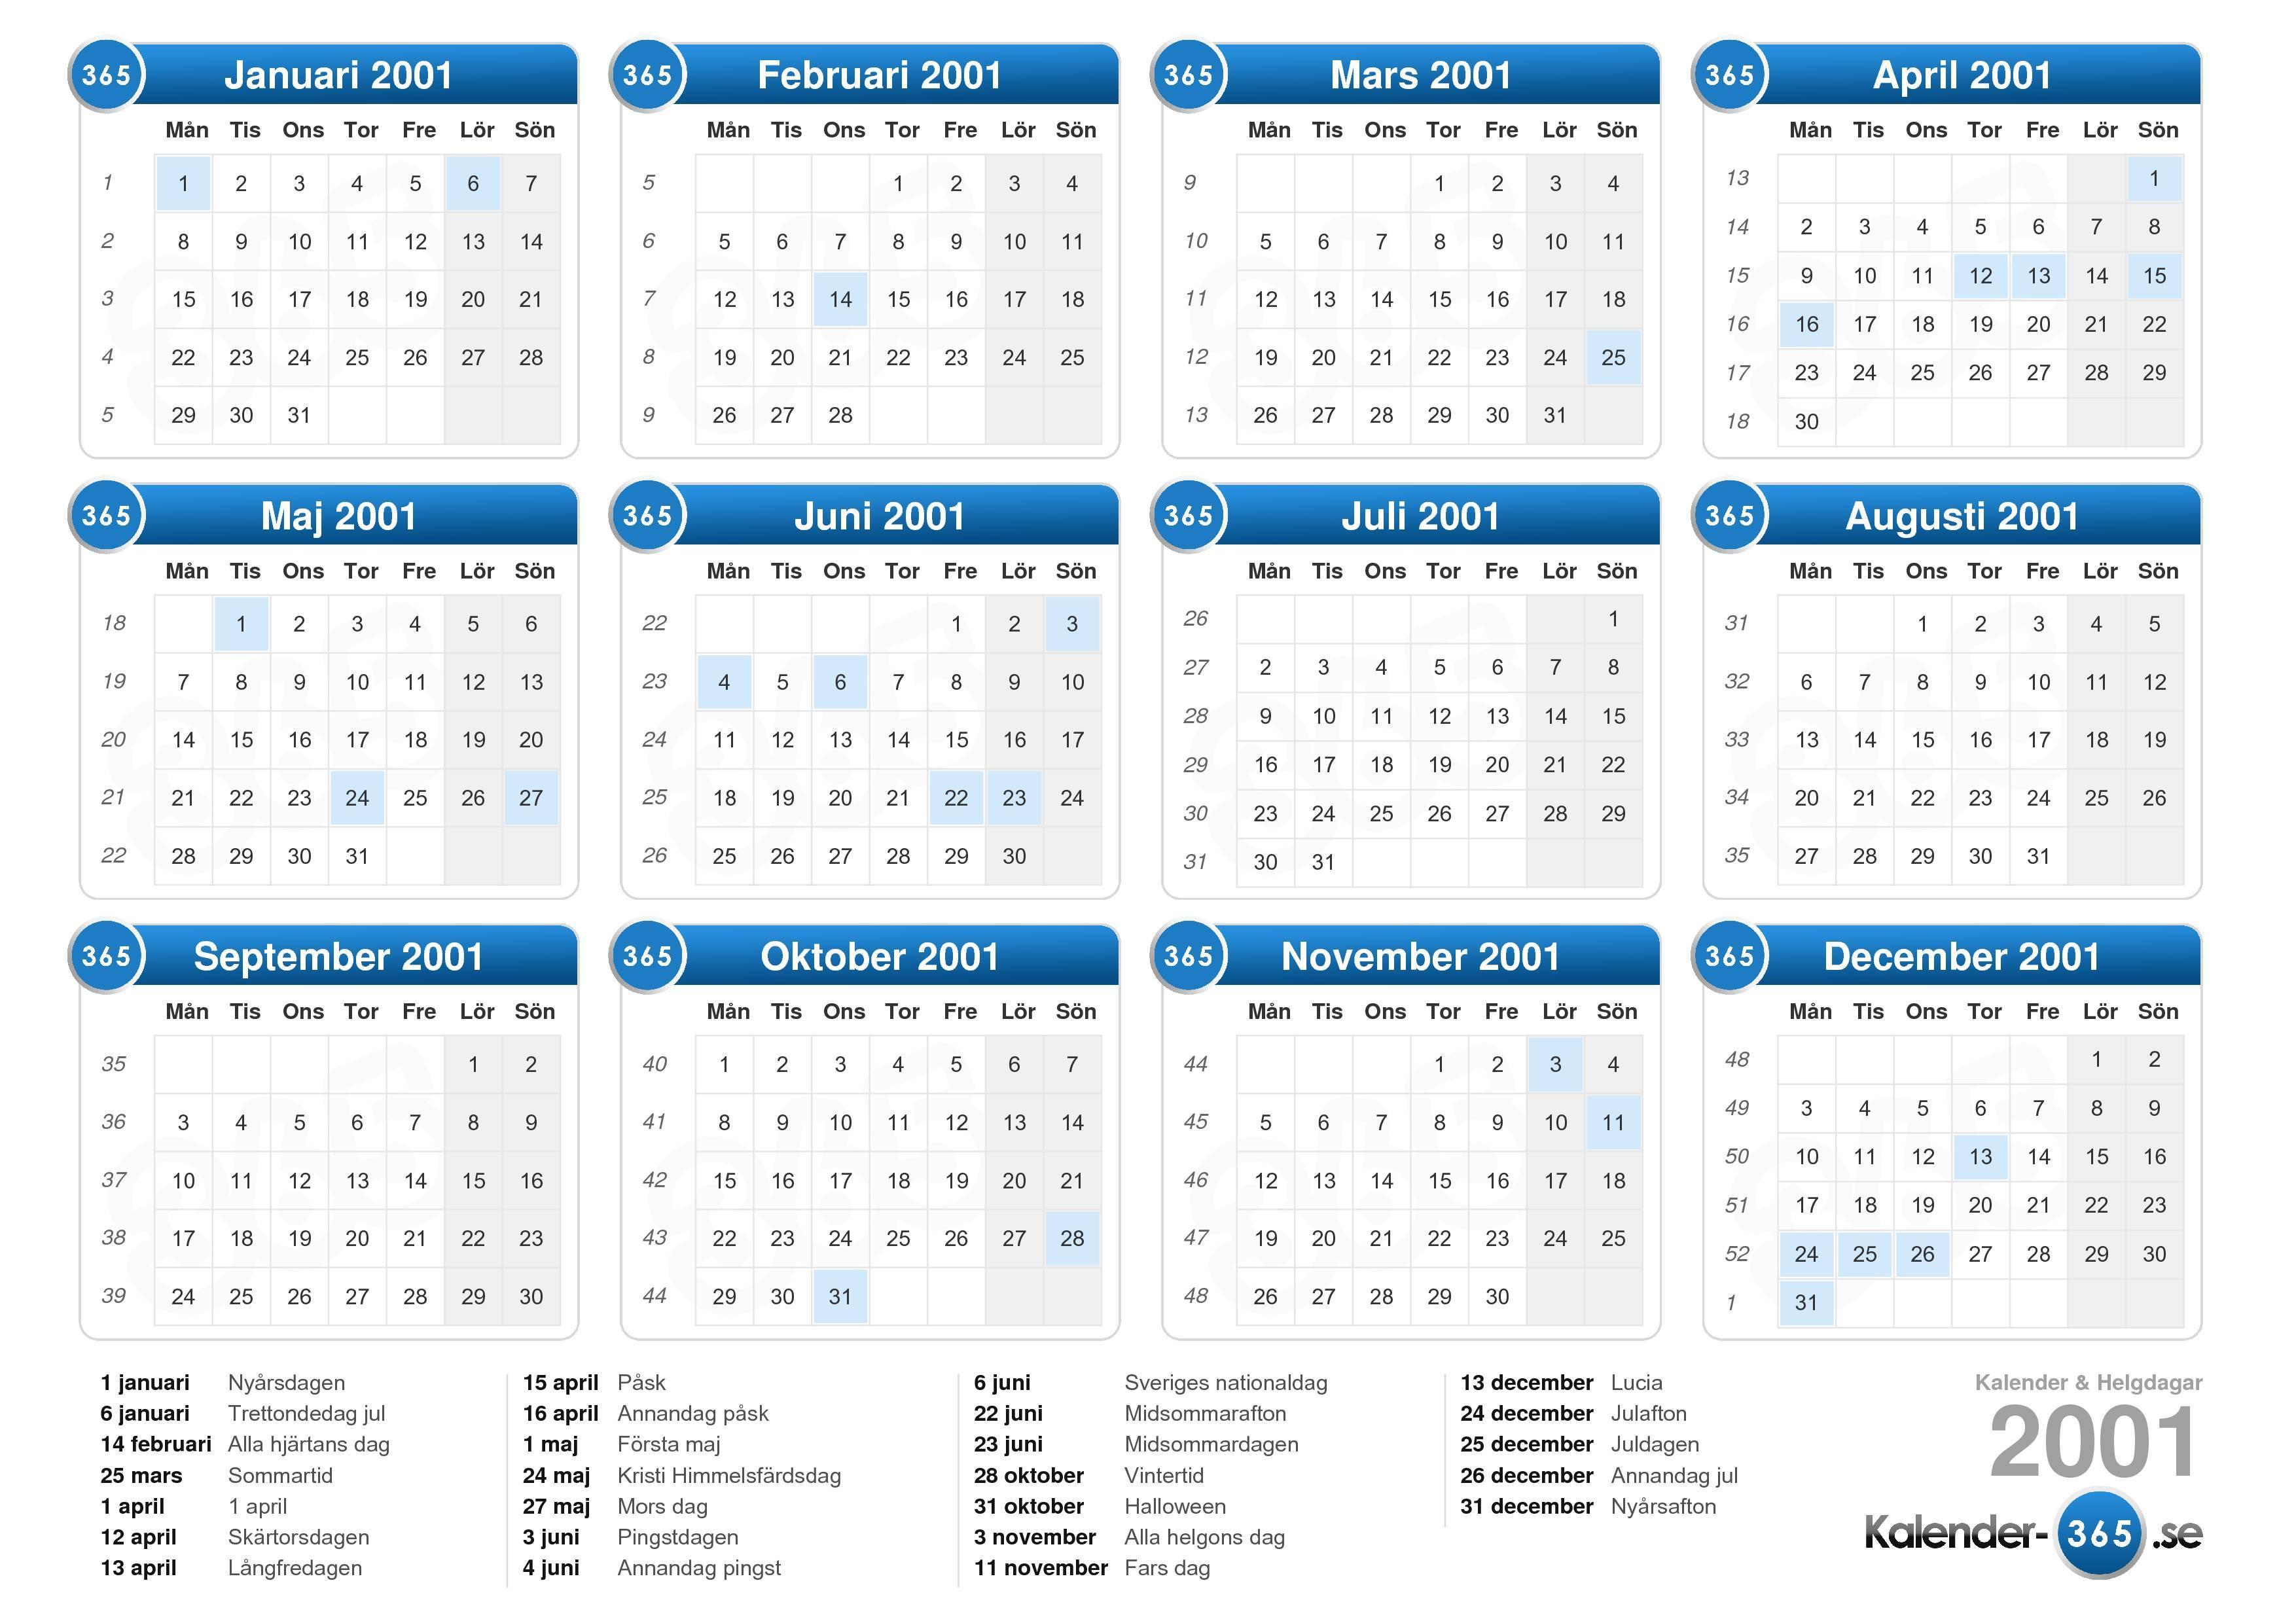 Hämta Kalender med Helgdagar 2001 för att skriva ut